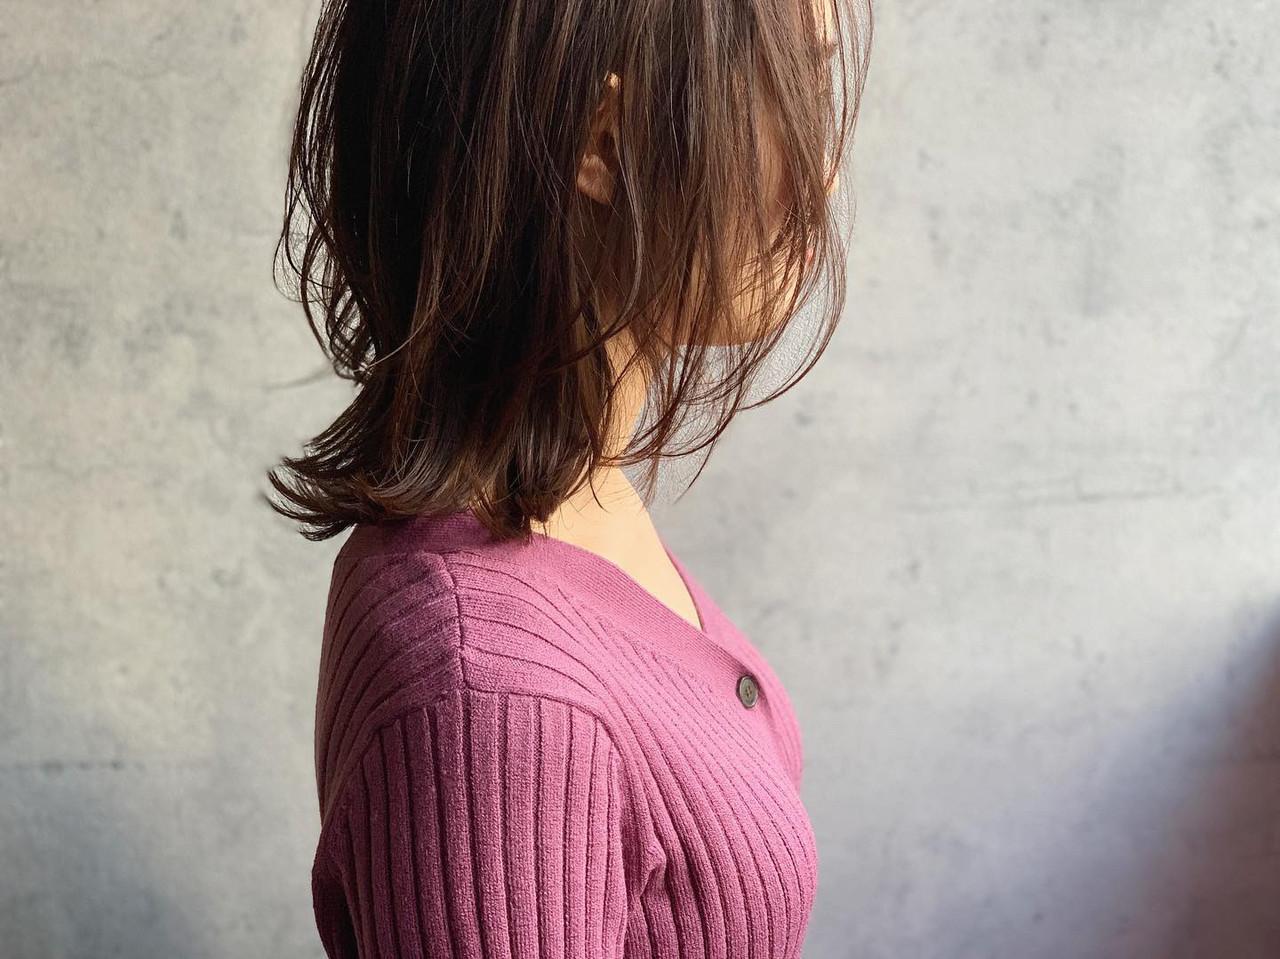 ミディアム フェミニン ウルフカット くびれカール ヘアスタイルや髪型の写真・画像